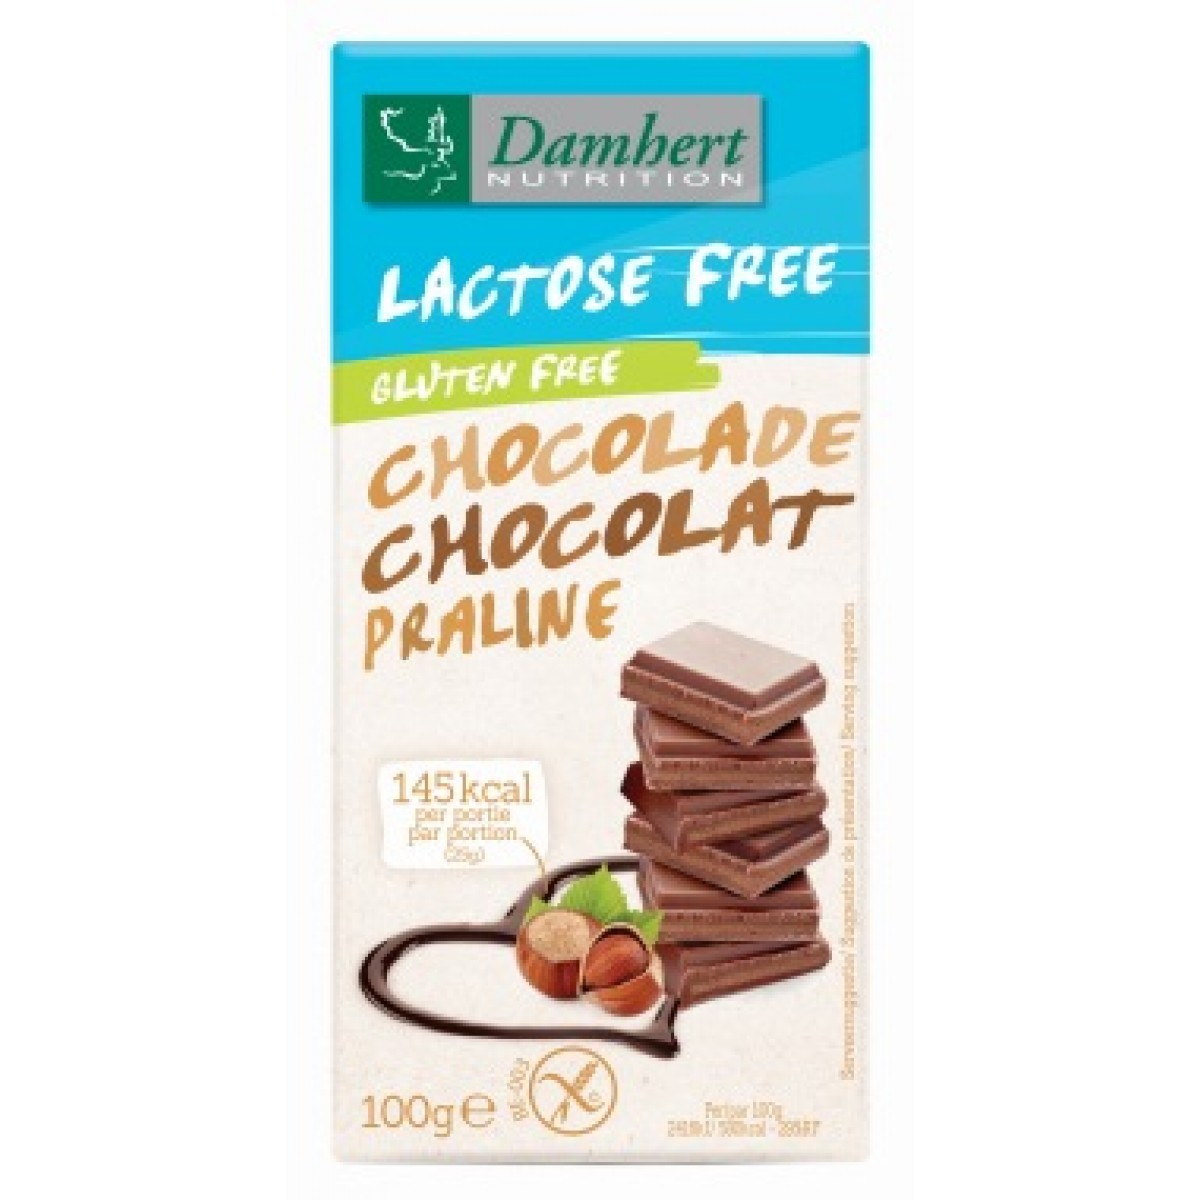 Melkchocolade Praline Lactosevrij